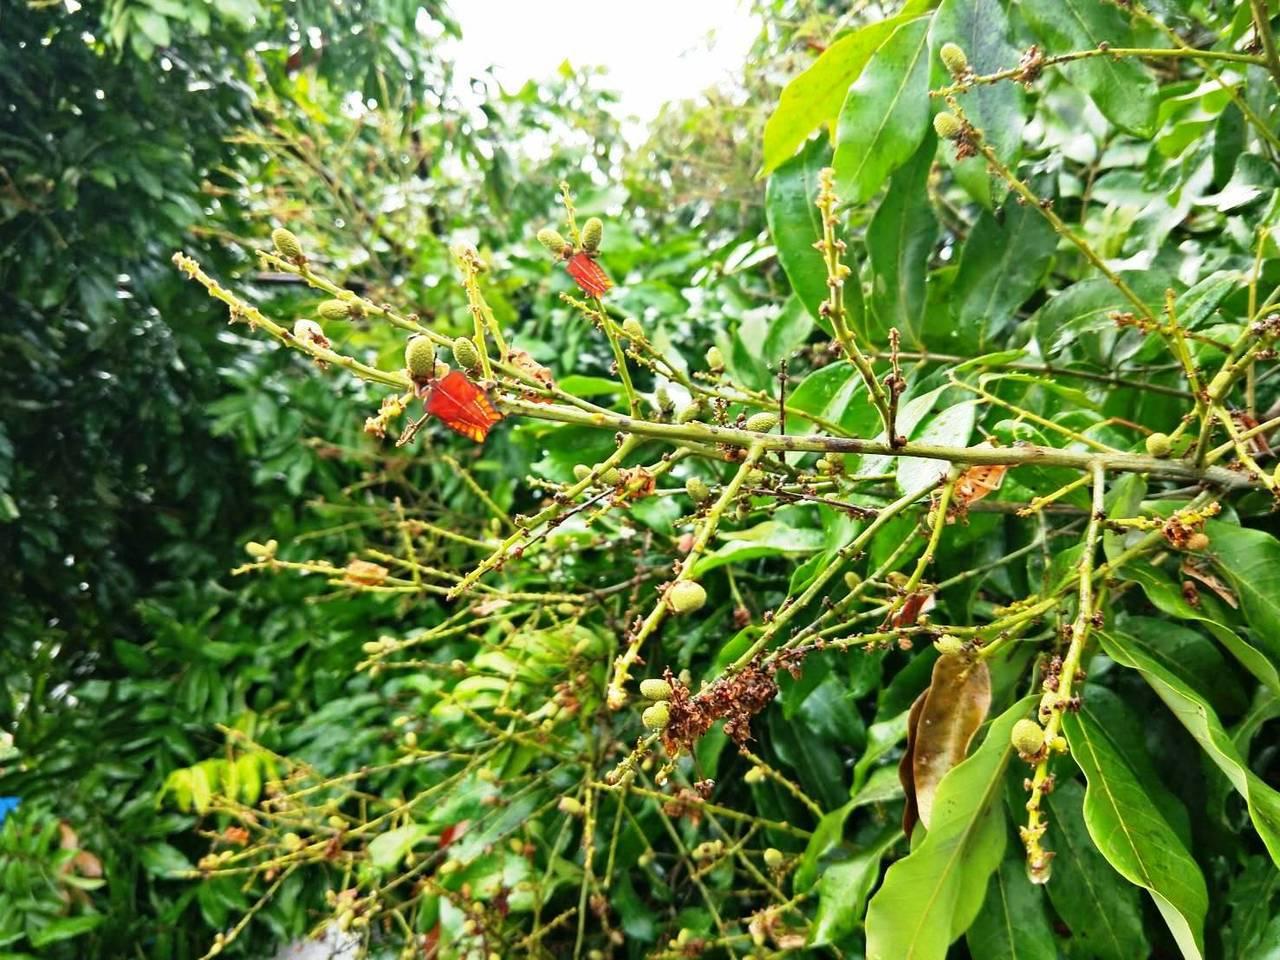 去年台灣中部爆發荔枝椿象的紅色蟲蟲大軍危機,造成龍眼無法開花結果,讓果農心有餘悸...